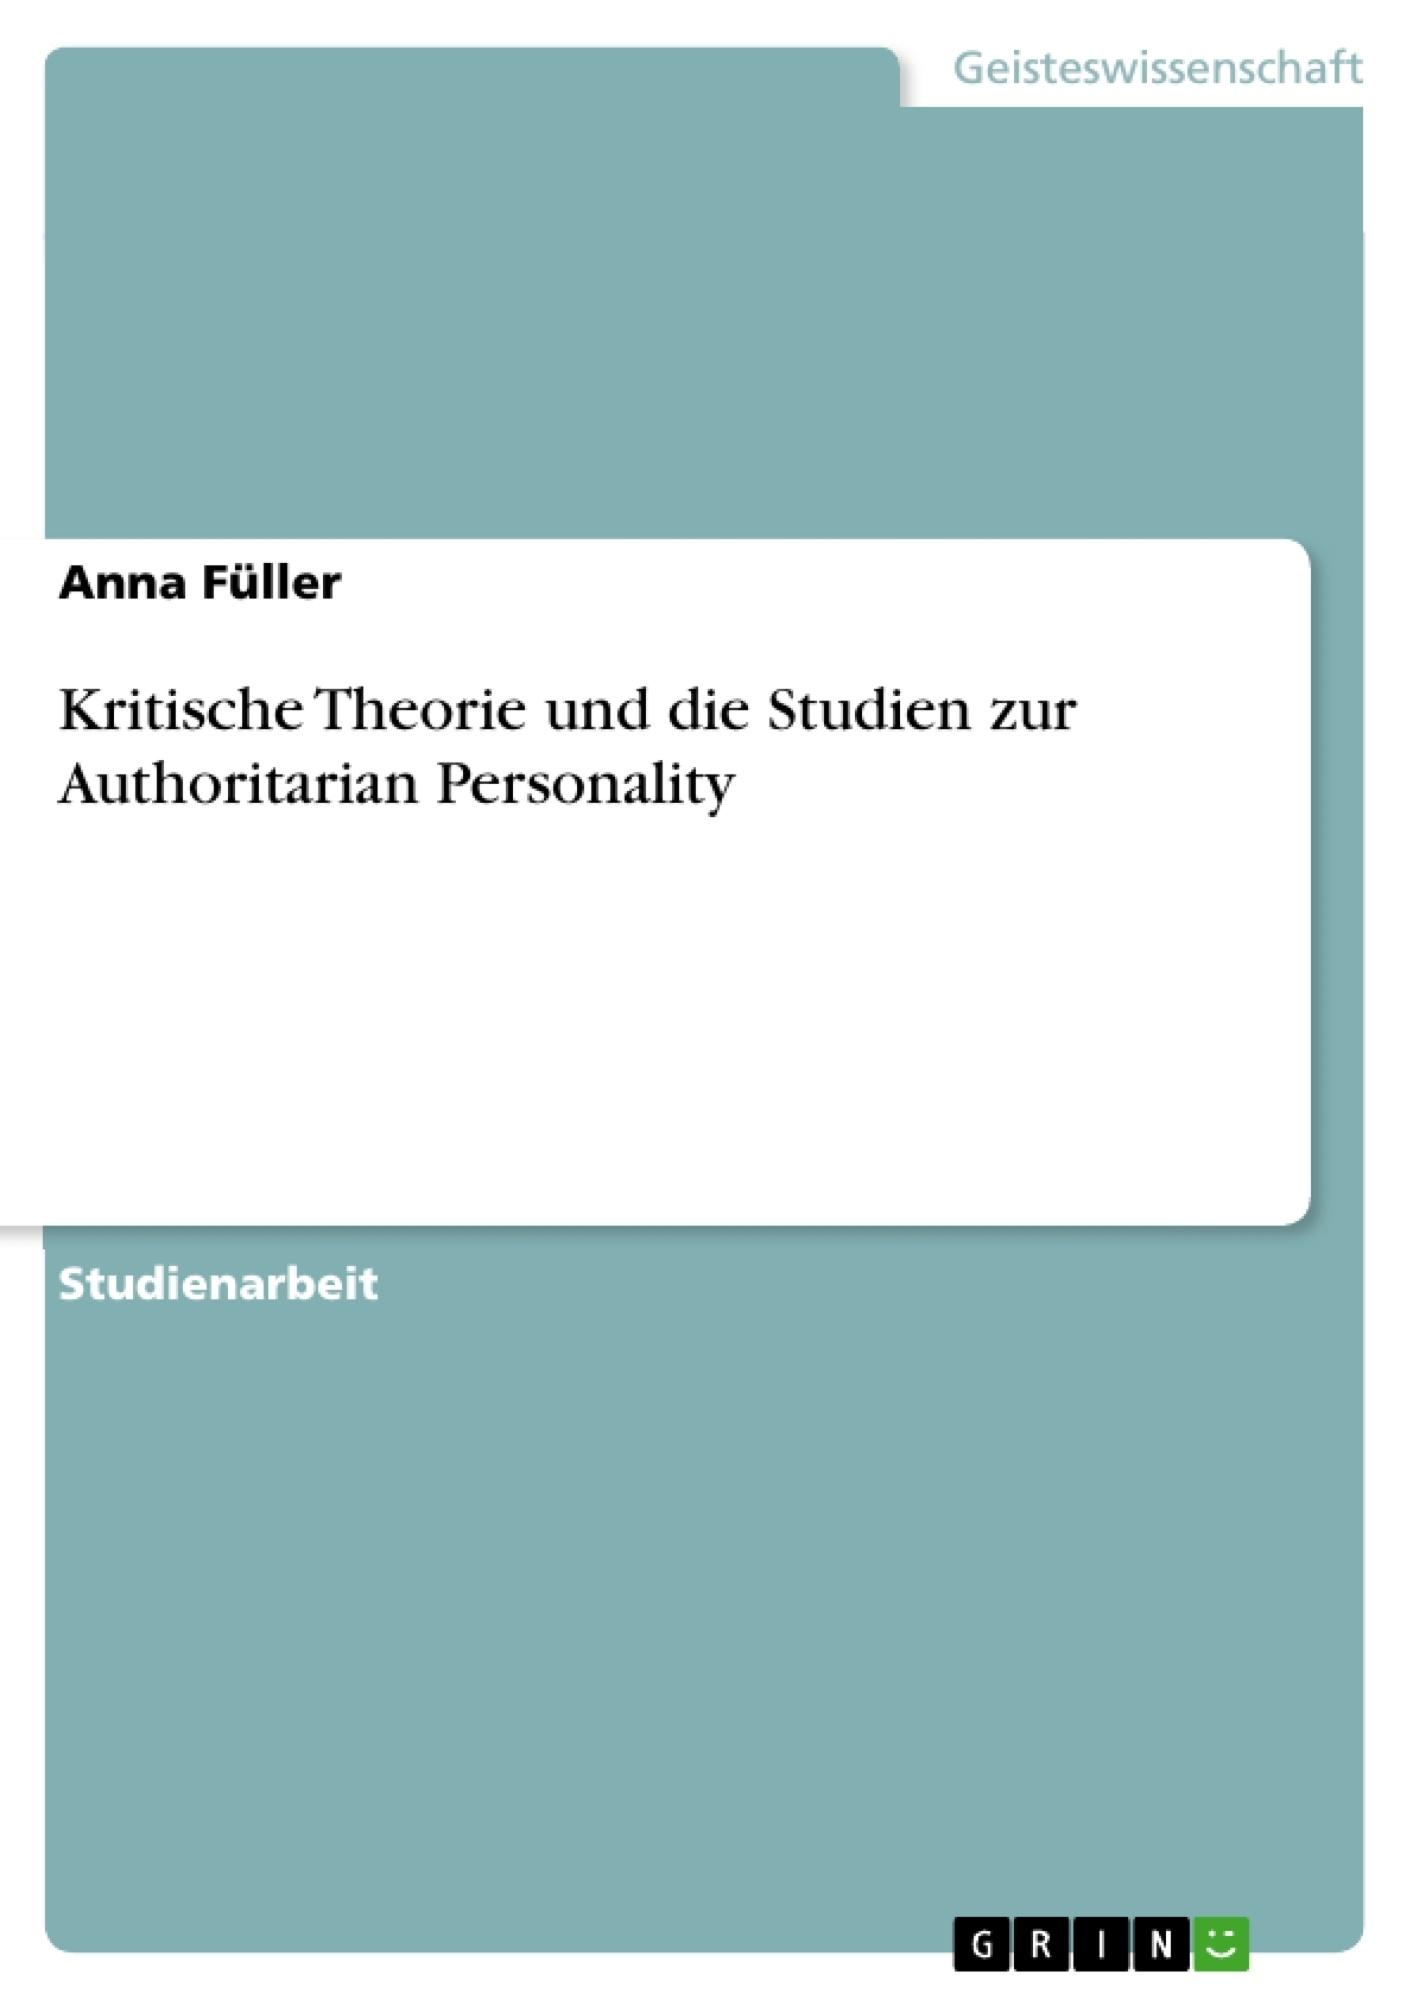 Titel: Kritische Theorie und die Studien zur Authoritarian Personality